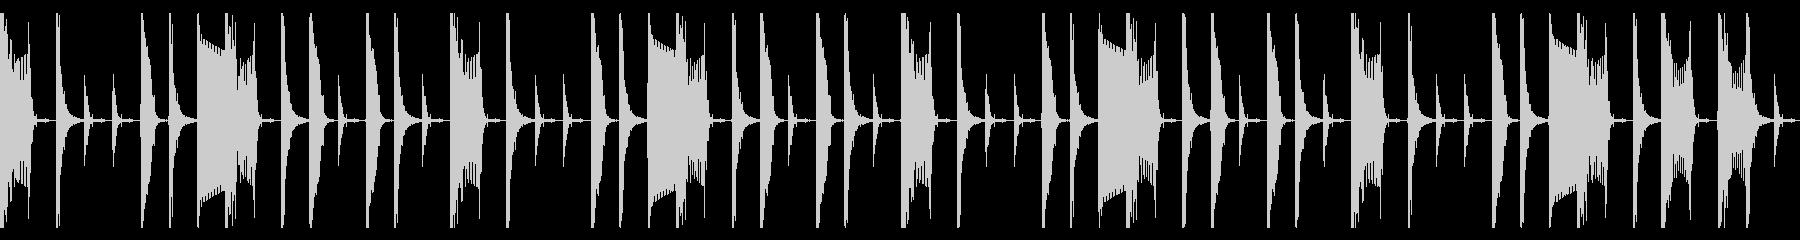 シンプルなラップビートの未再生の波形